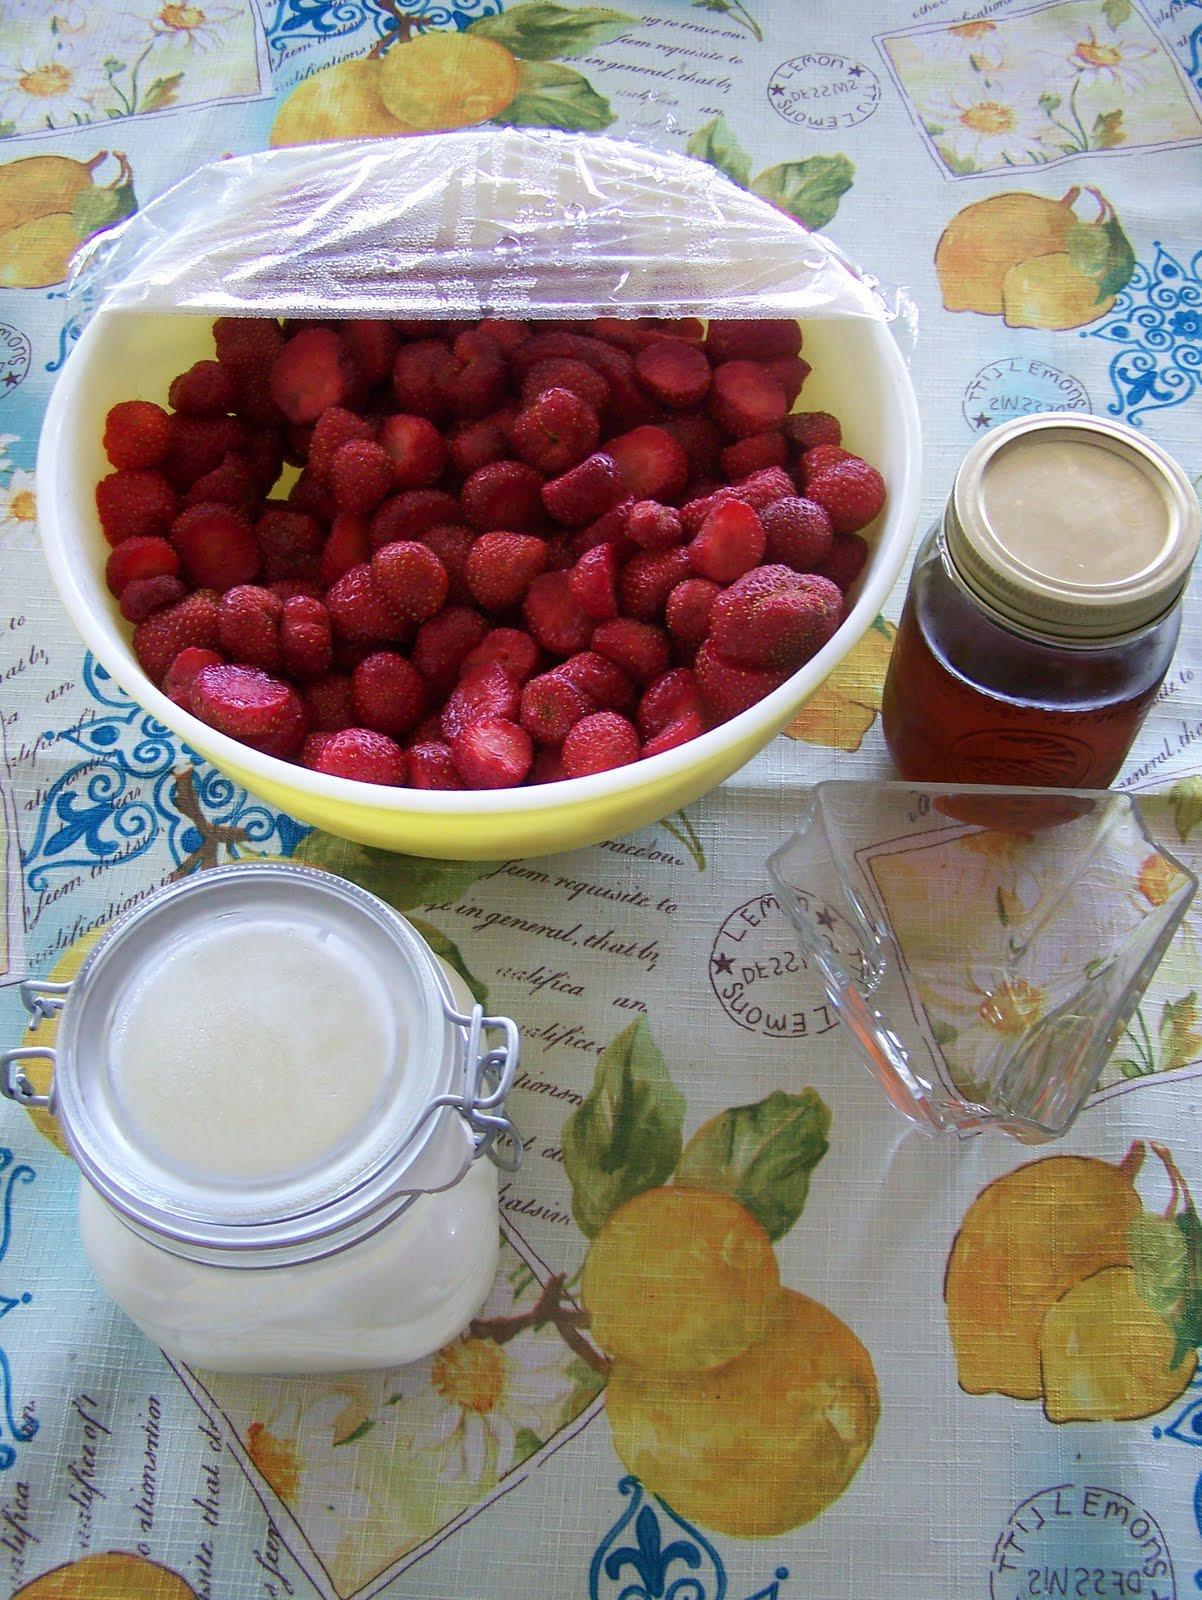 Le jour de la marmotte mmmmmm des fraises - Comment cueillir des fraises ...